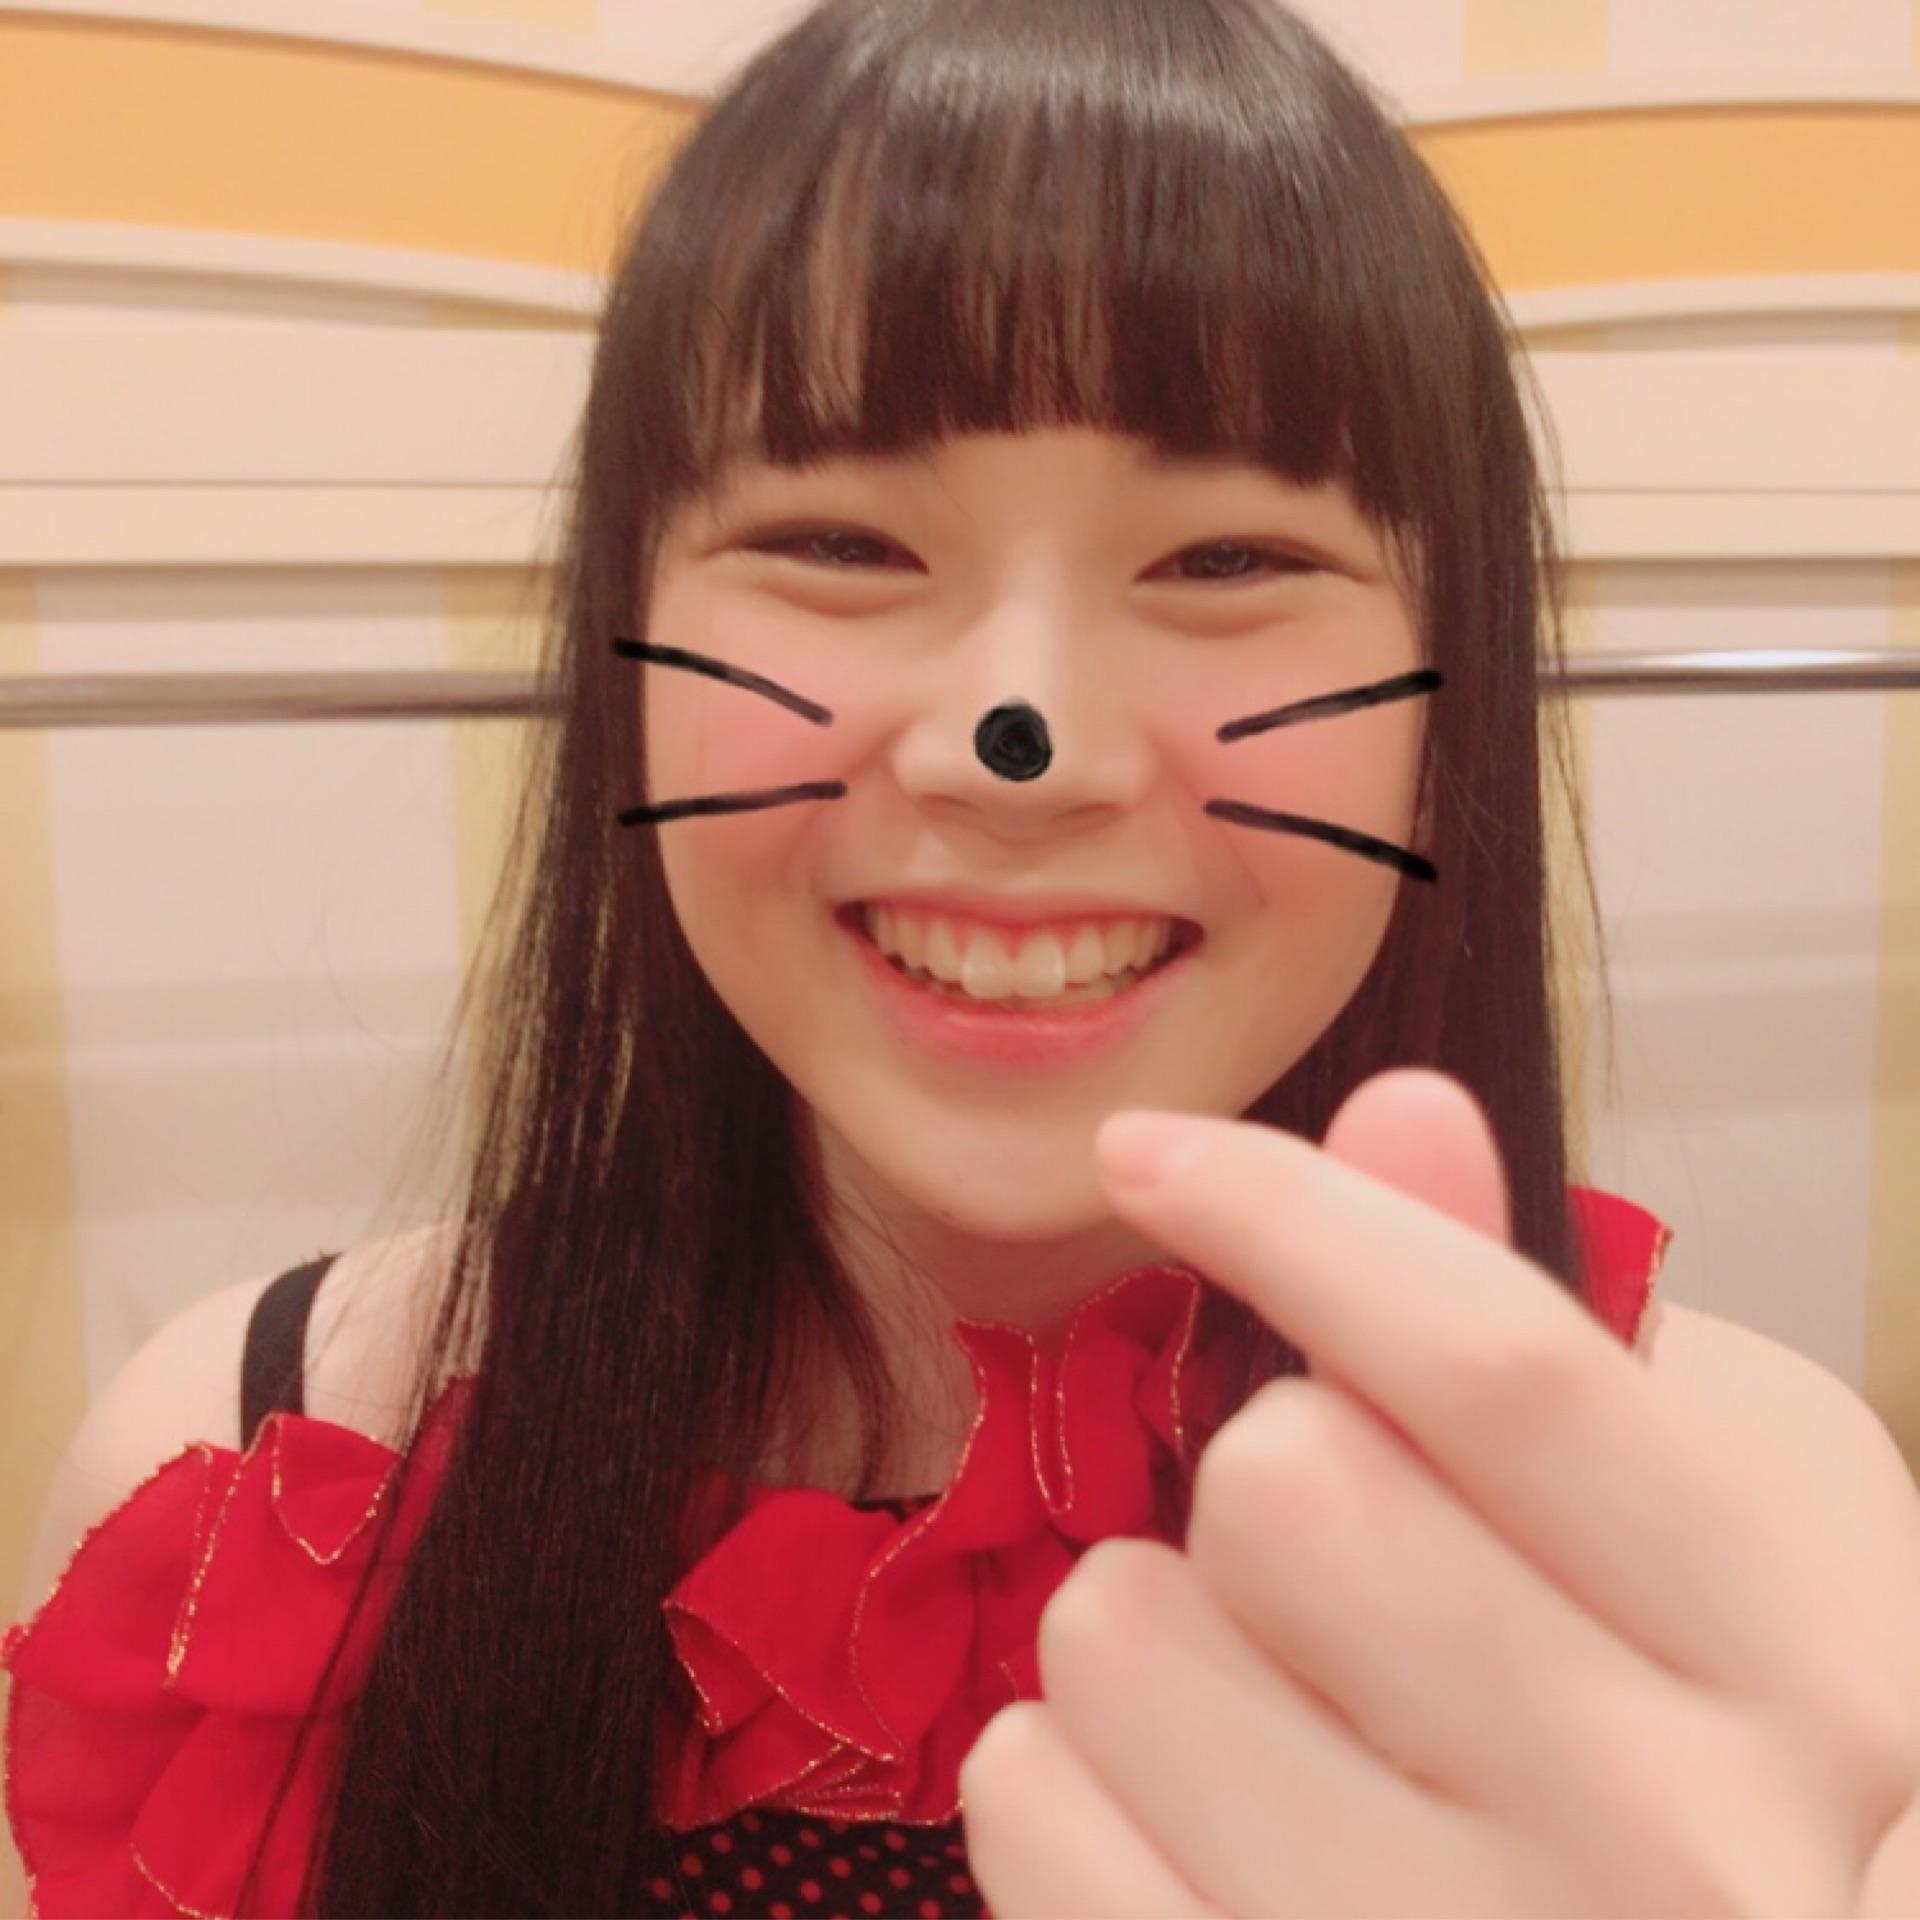 【ダンス】SKEだったくーさんこと矢神久美ちゃん(の活動再開を喜びつつSKEメンバーをなでるスレ)☆204【にゃはっぴー】 YouTube動画>14本 ->画像>671枚